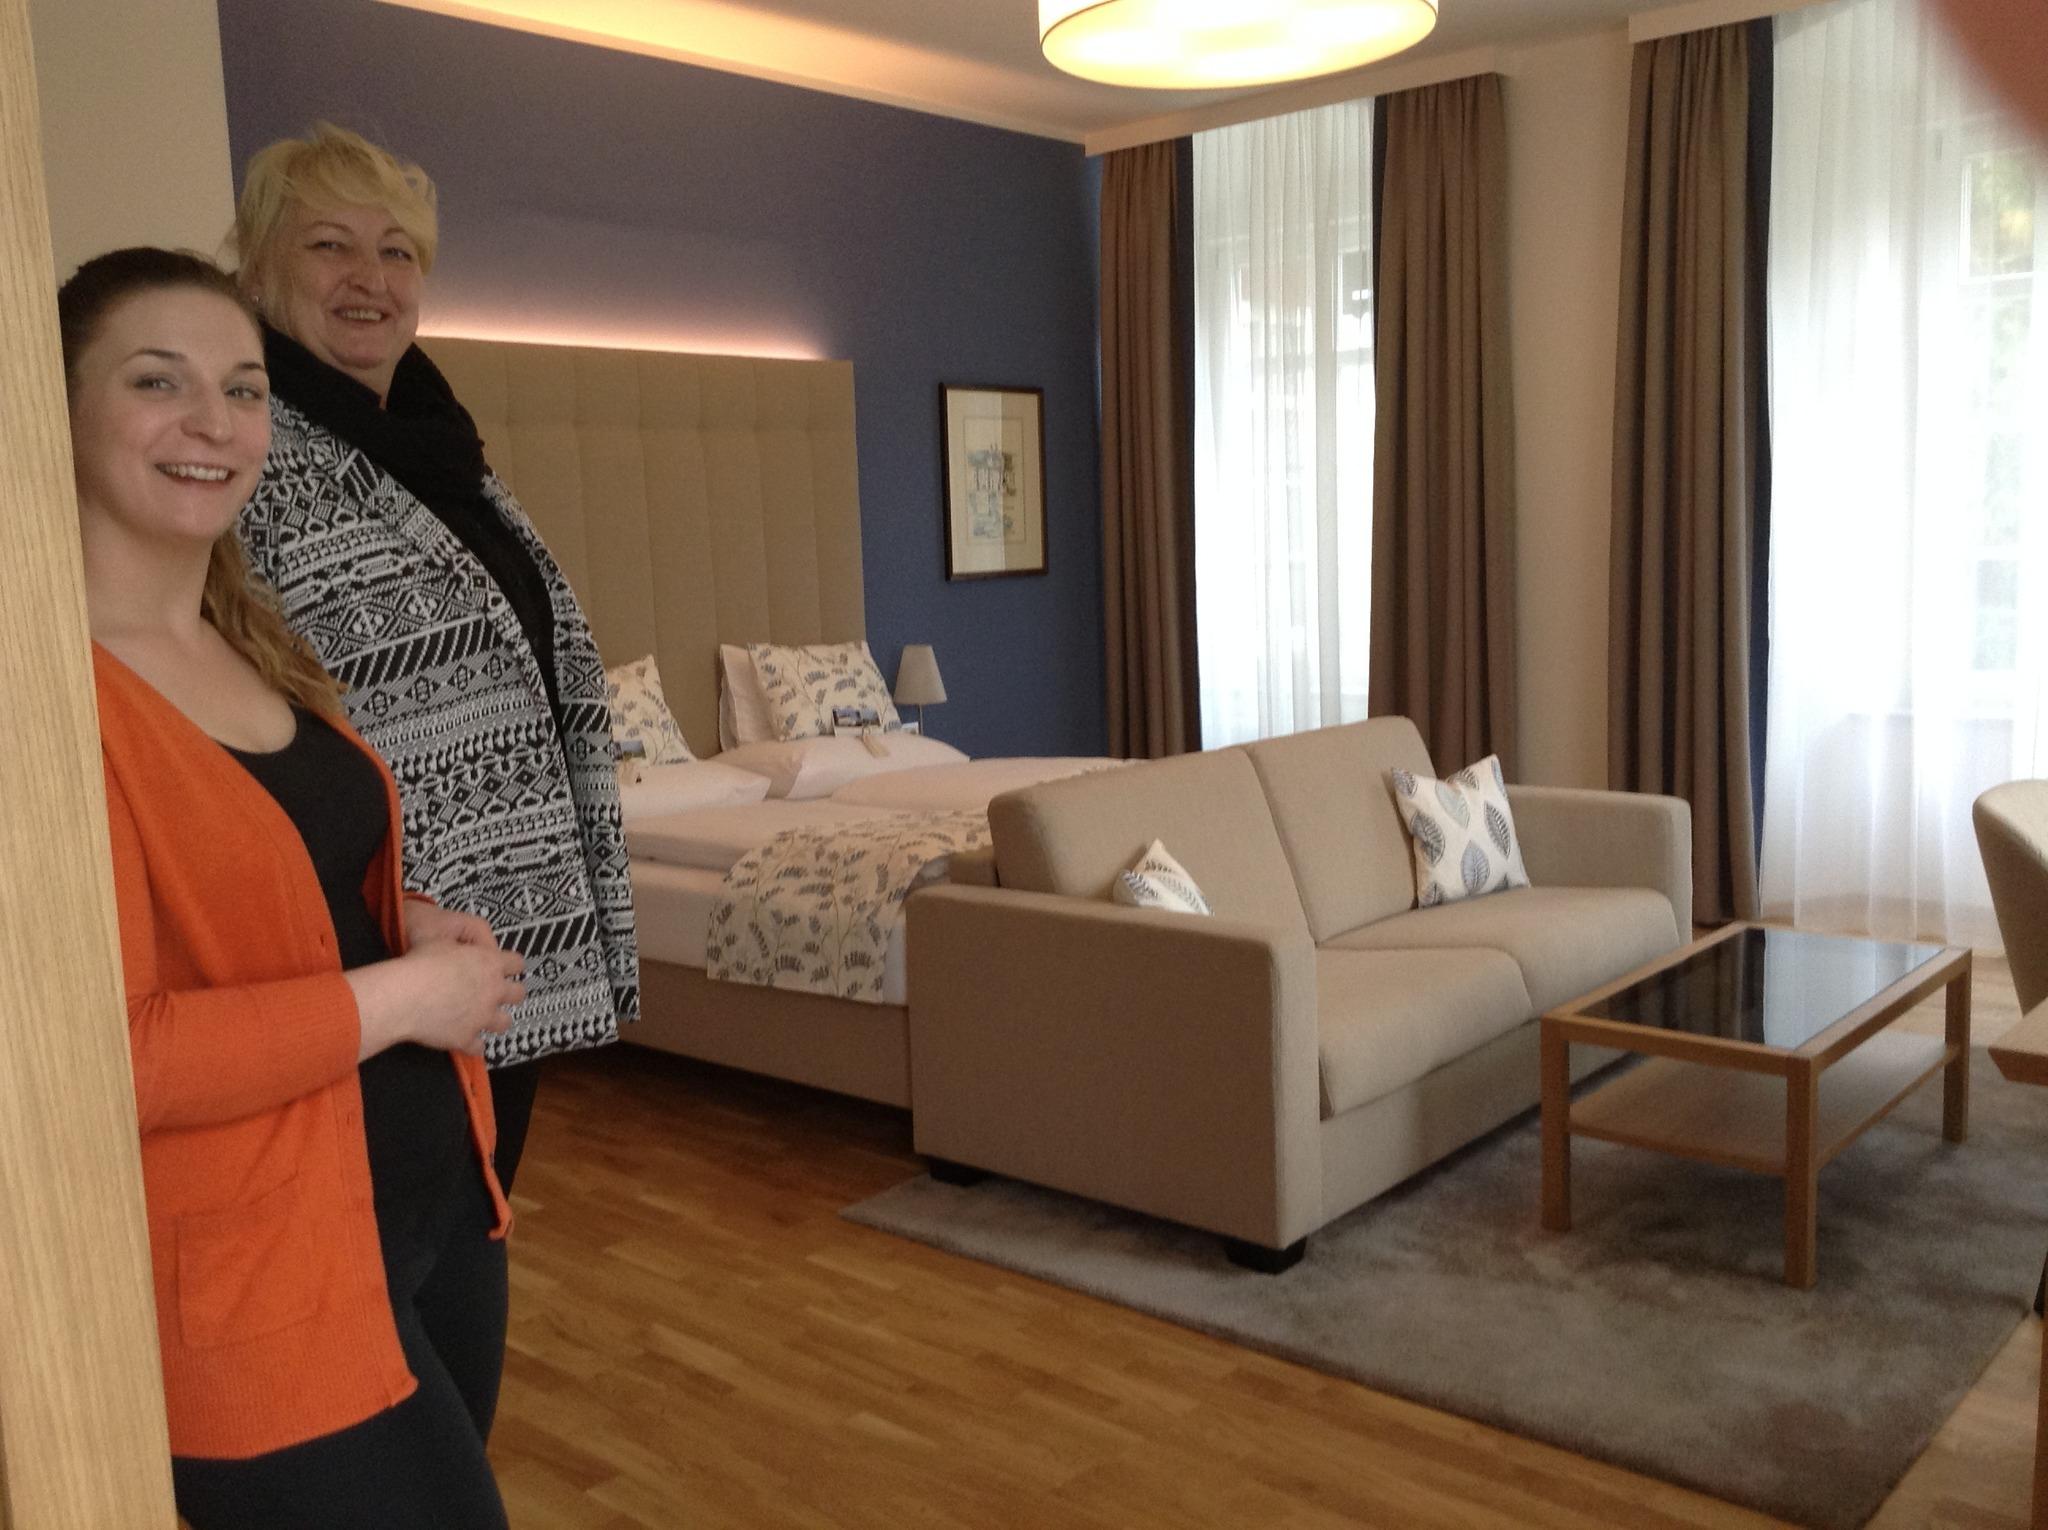 finkensteiner golfanlage bietet nun zimmer mit ausblick villach. Black Bedroom Furniture Sets. Home Design Ideas